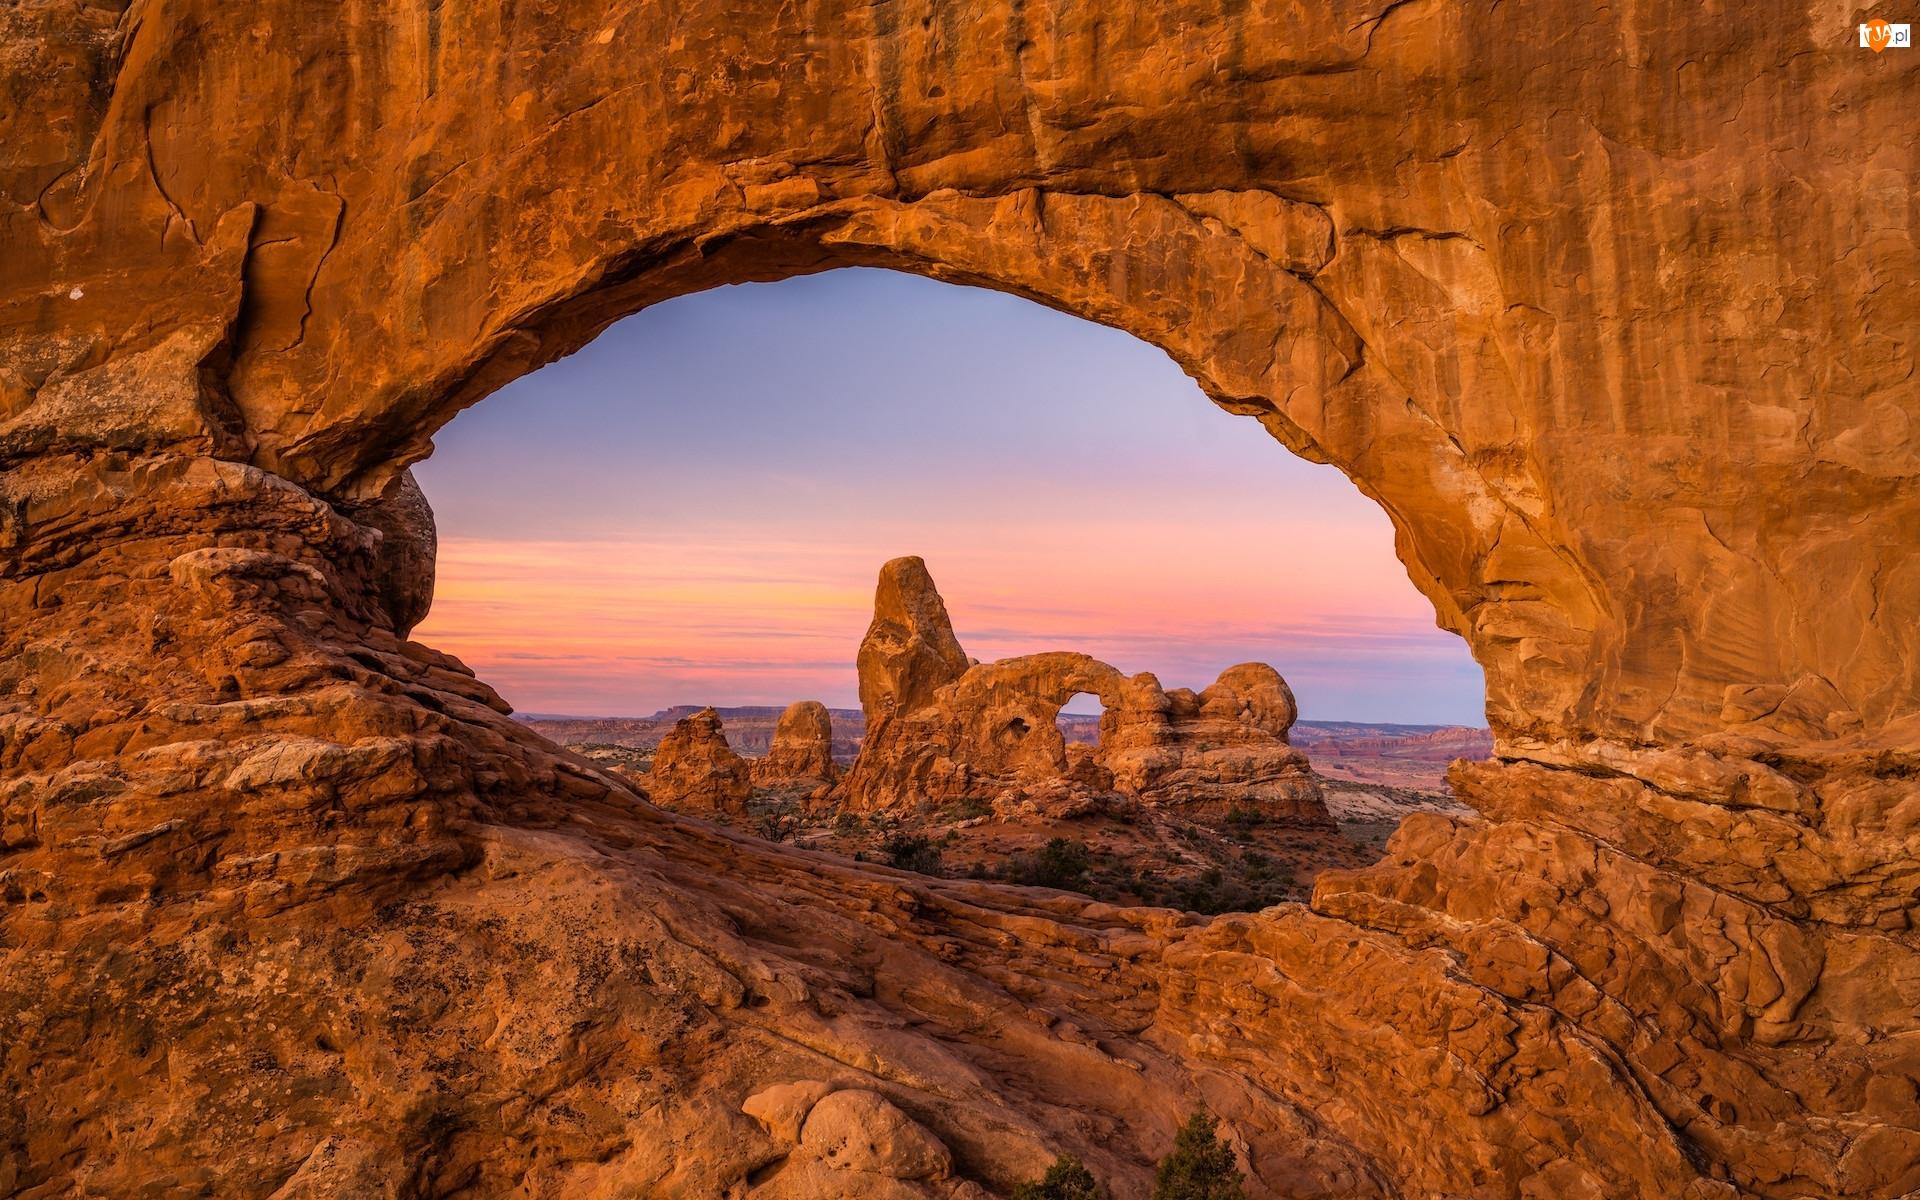 Wschód słońca, Utah, Skalne, Turret Arch, Łuki, Park Narodowy Arches, Skały, Stany Zjednoczone, Formacja skalna